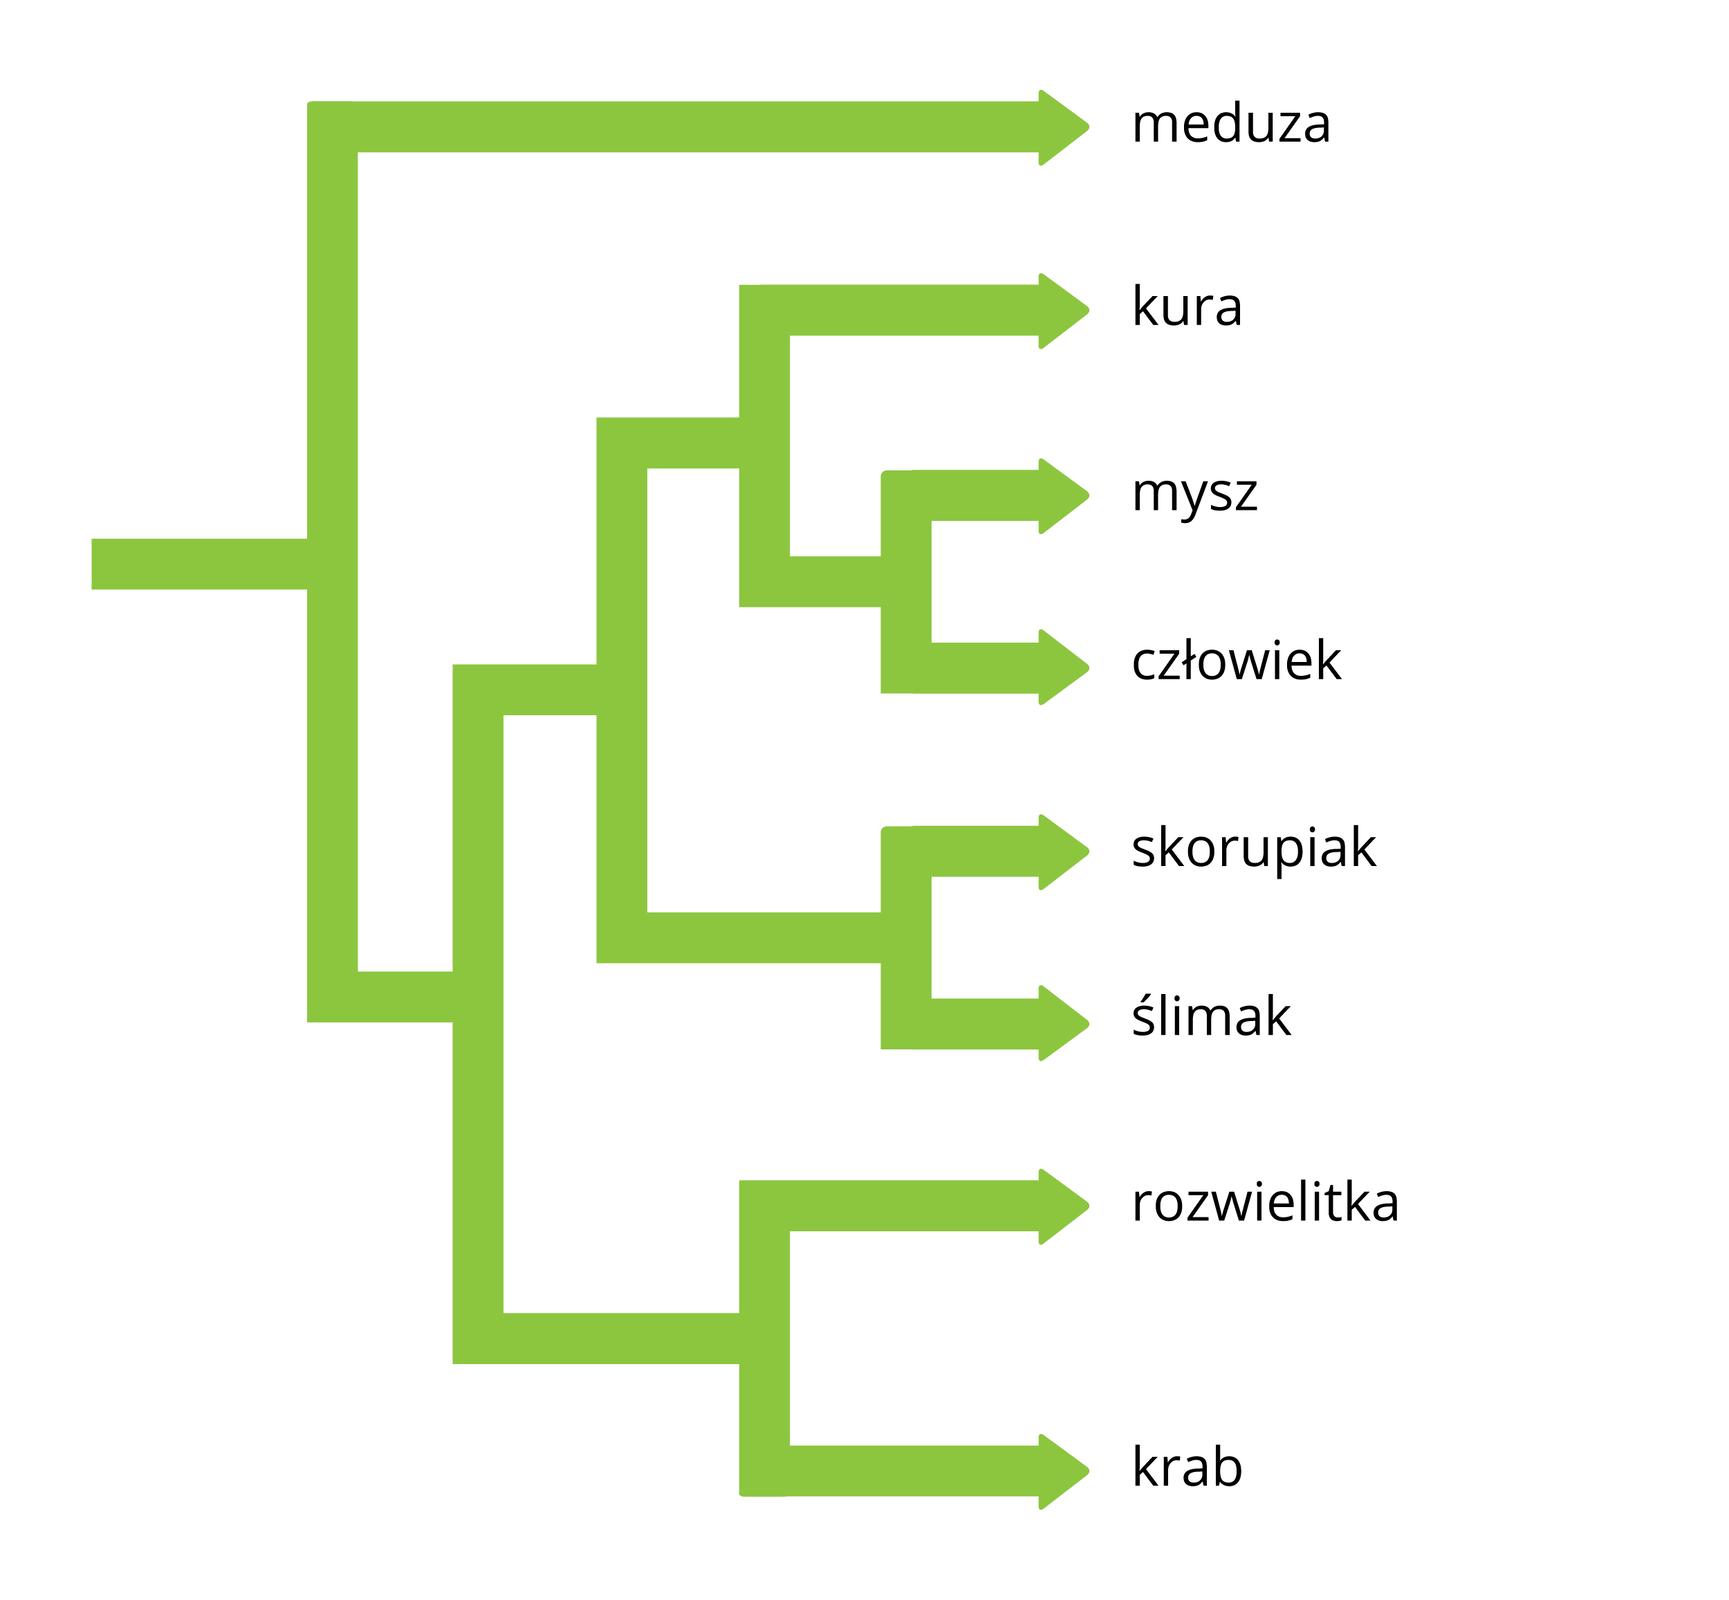 Schemat przedstawia zielone strzałki, które łączą się lub wynikają jedna zdrugiej. Po prawej za poszczególnymi strzałkami znajdują się nazwy rodzajowe. Strzałki oznaczają pokrewieństwo pomiędzy organizmami, ustalone na podstawie porównania białka, budującego ich receptor jądrowy.